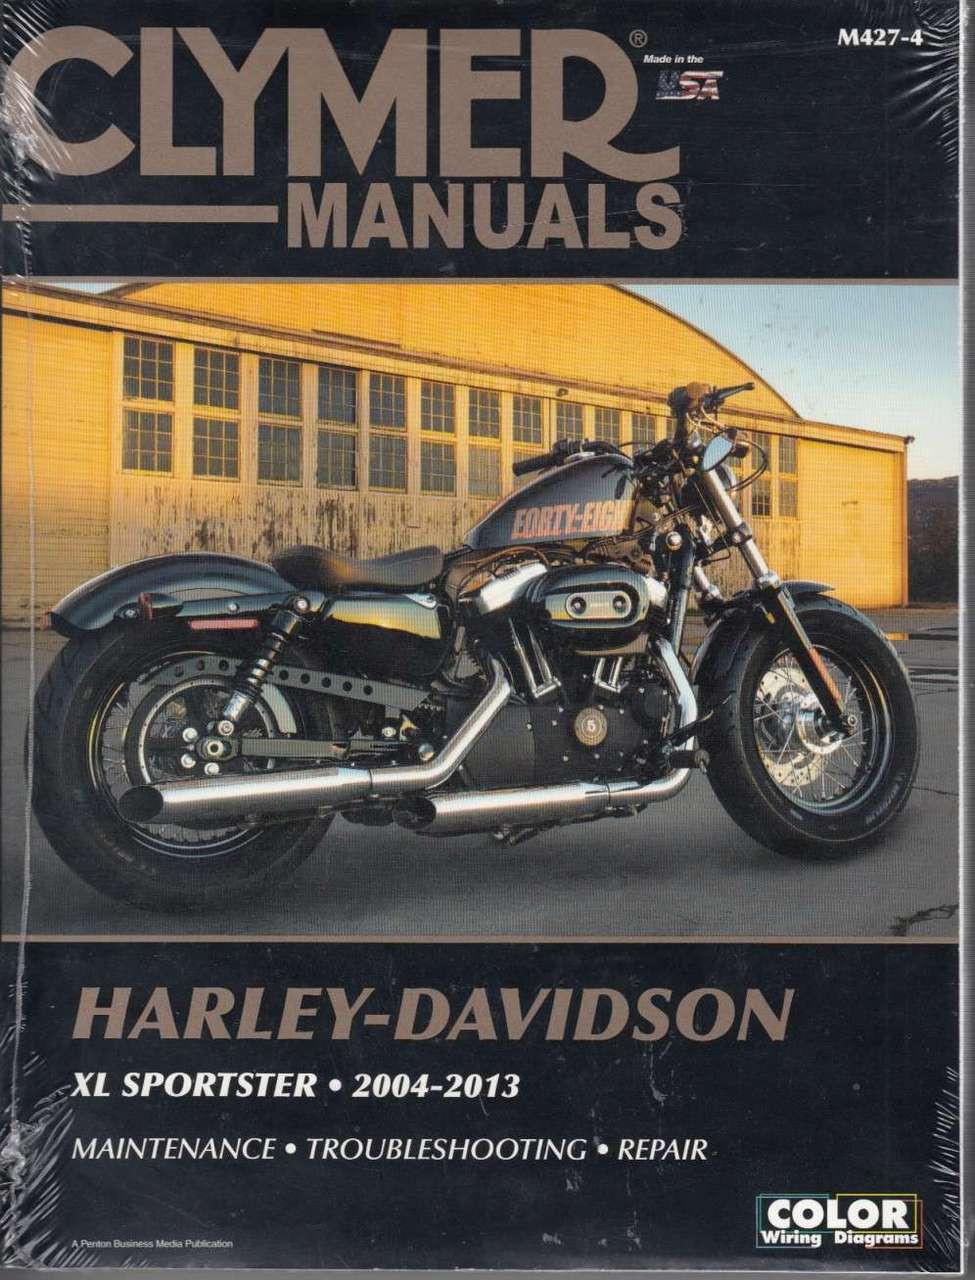 Harley-Davidson XL Sportster 2004 - 2013 Workshop Manual on